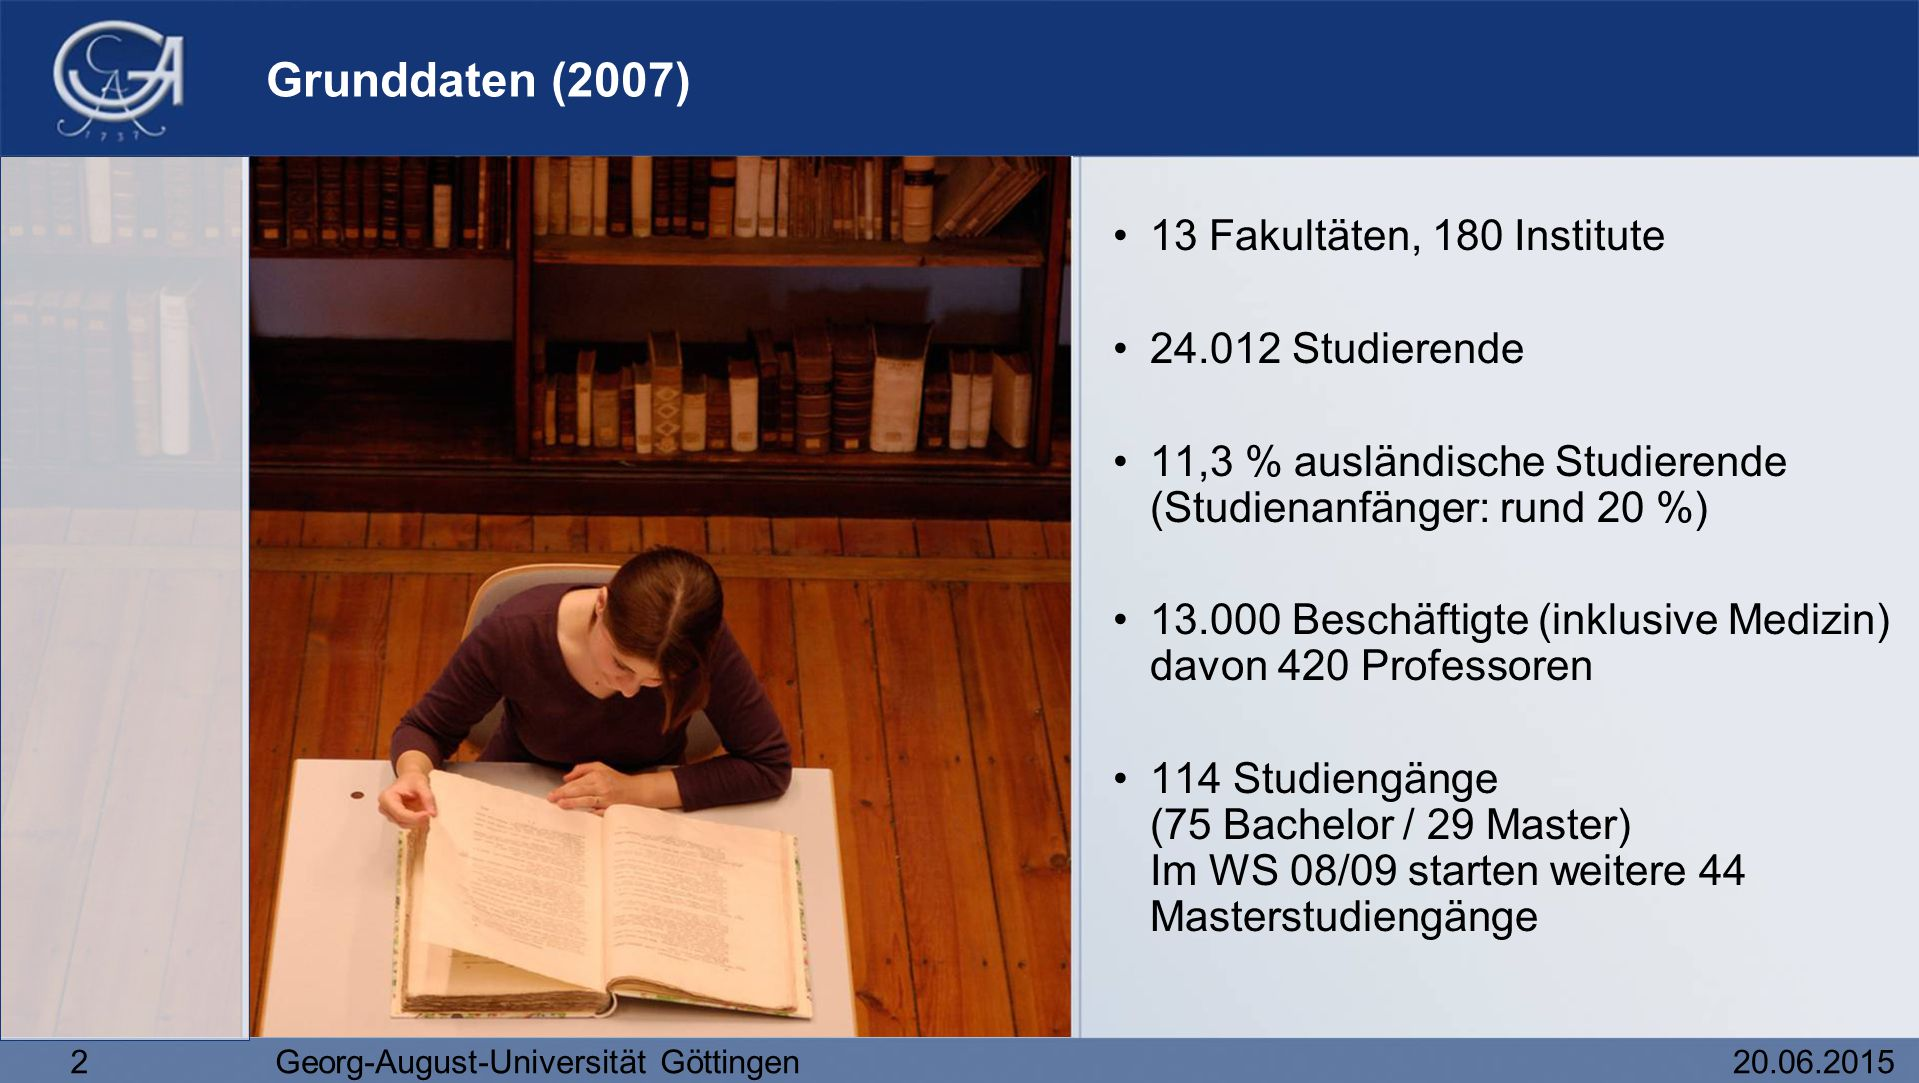 2Georg-August-Universität Göttingen20.06.2015 Grunddaten (2007) 13 Fakultäten, 180 Institute 24.012 Studierende 11,3 % ausländische Studierende (Studi